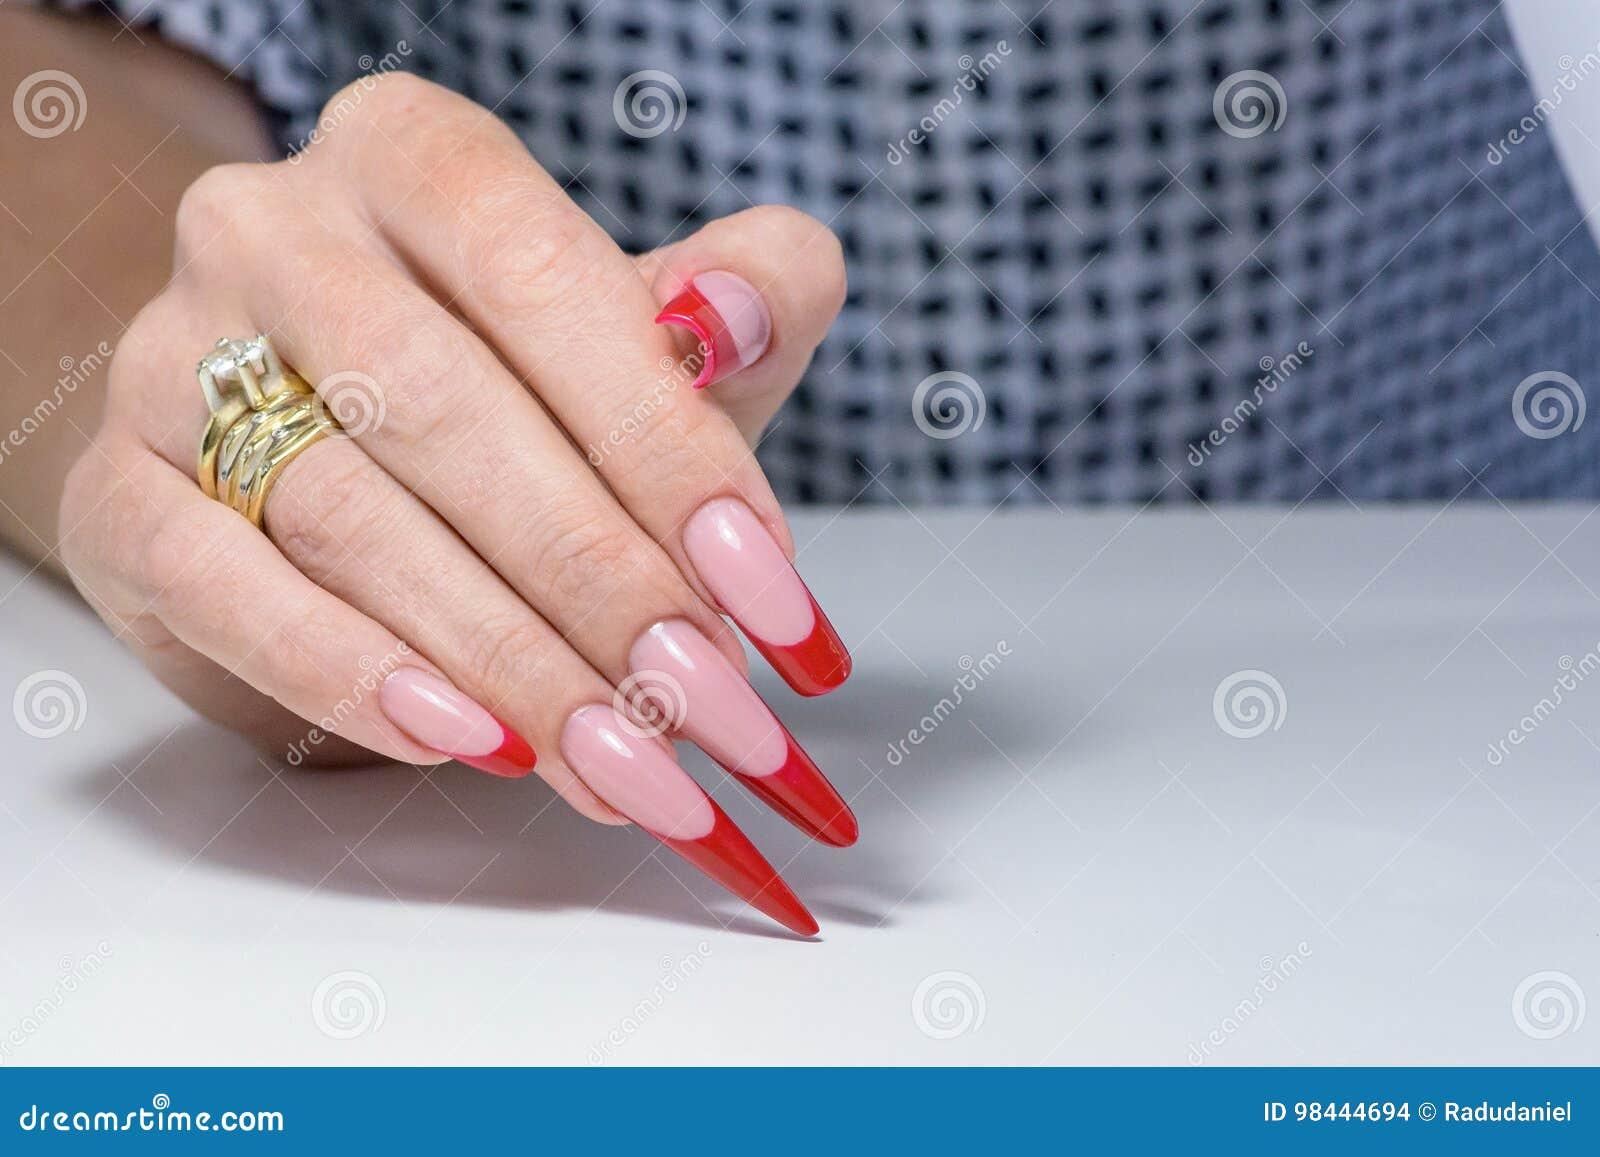 Pulimento de clavo Art Manicure Esmalte de uñas negro rojo de la pendiente del estilo moderno Manos de la belleza con los clavos